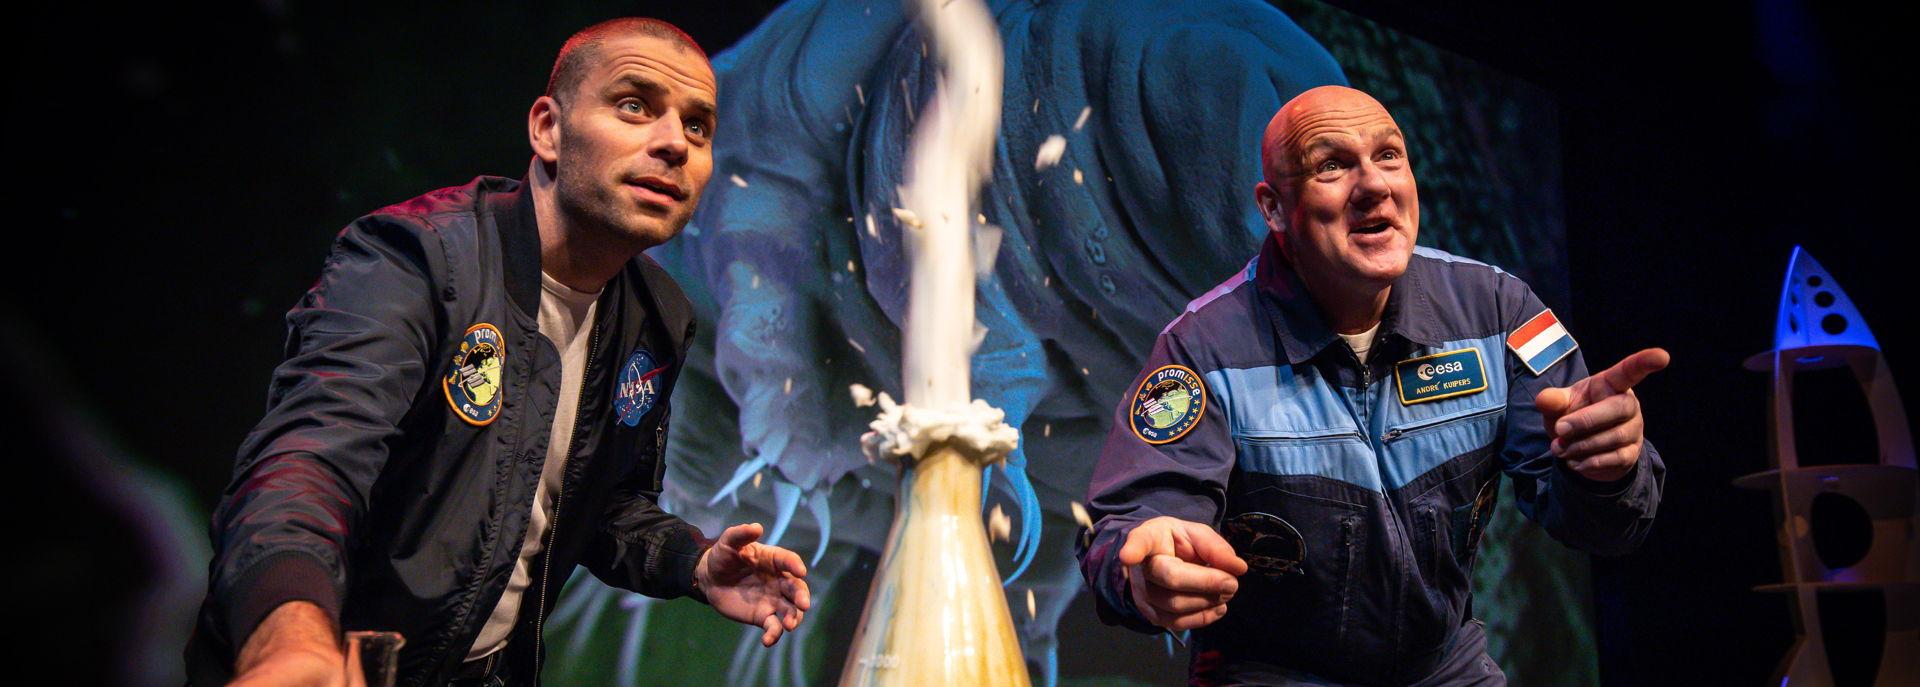 Reis met André Kuipers en Sander Koenen naar de verste hoeken van het heelal en waan jezelf astronaut. Leer alles over de ruimtevaart, hoe het is om te zweven en stel jouw vraag aan Nederlands enige astronaut.